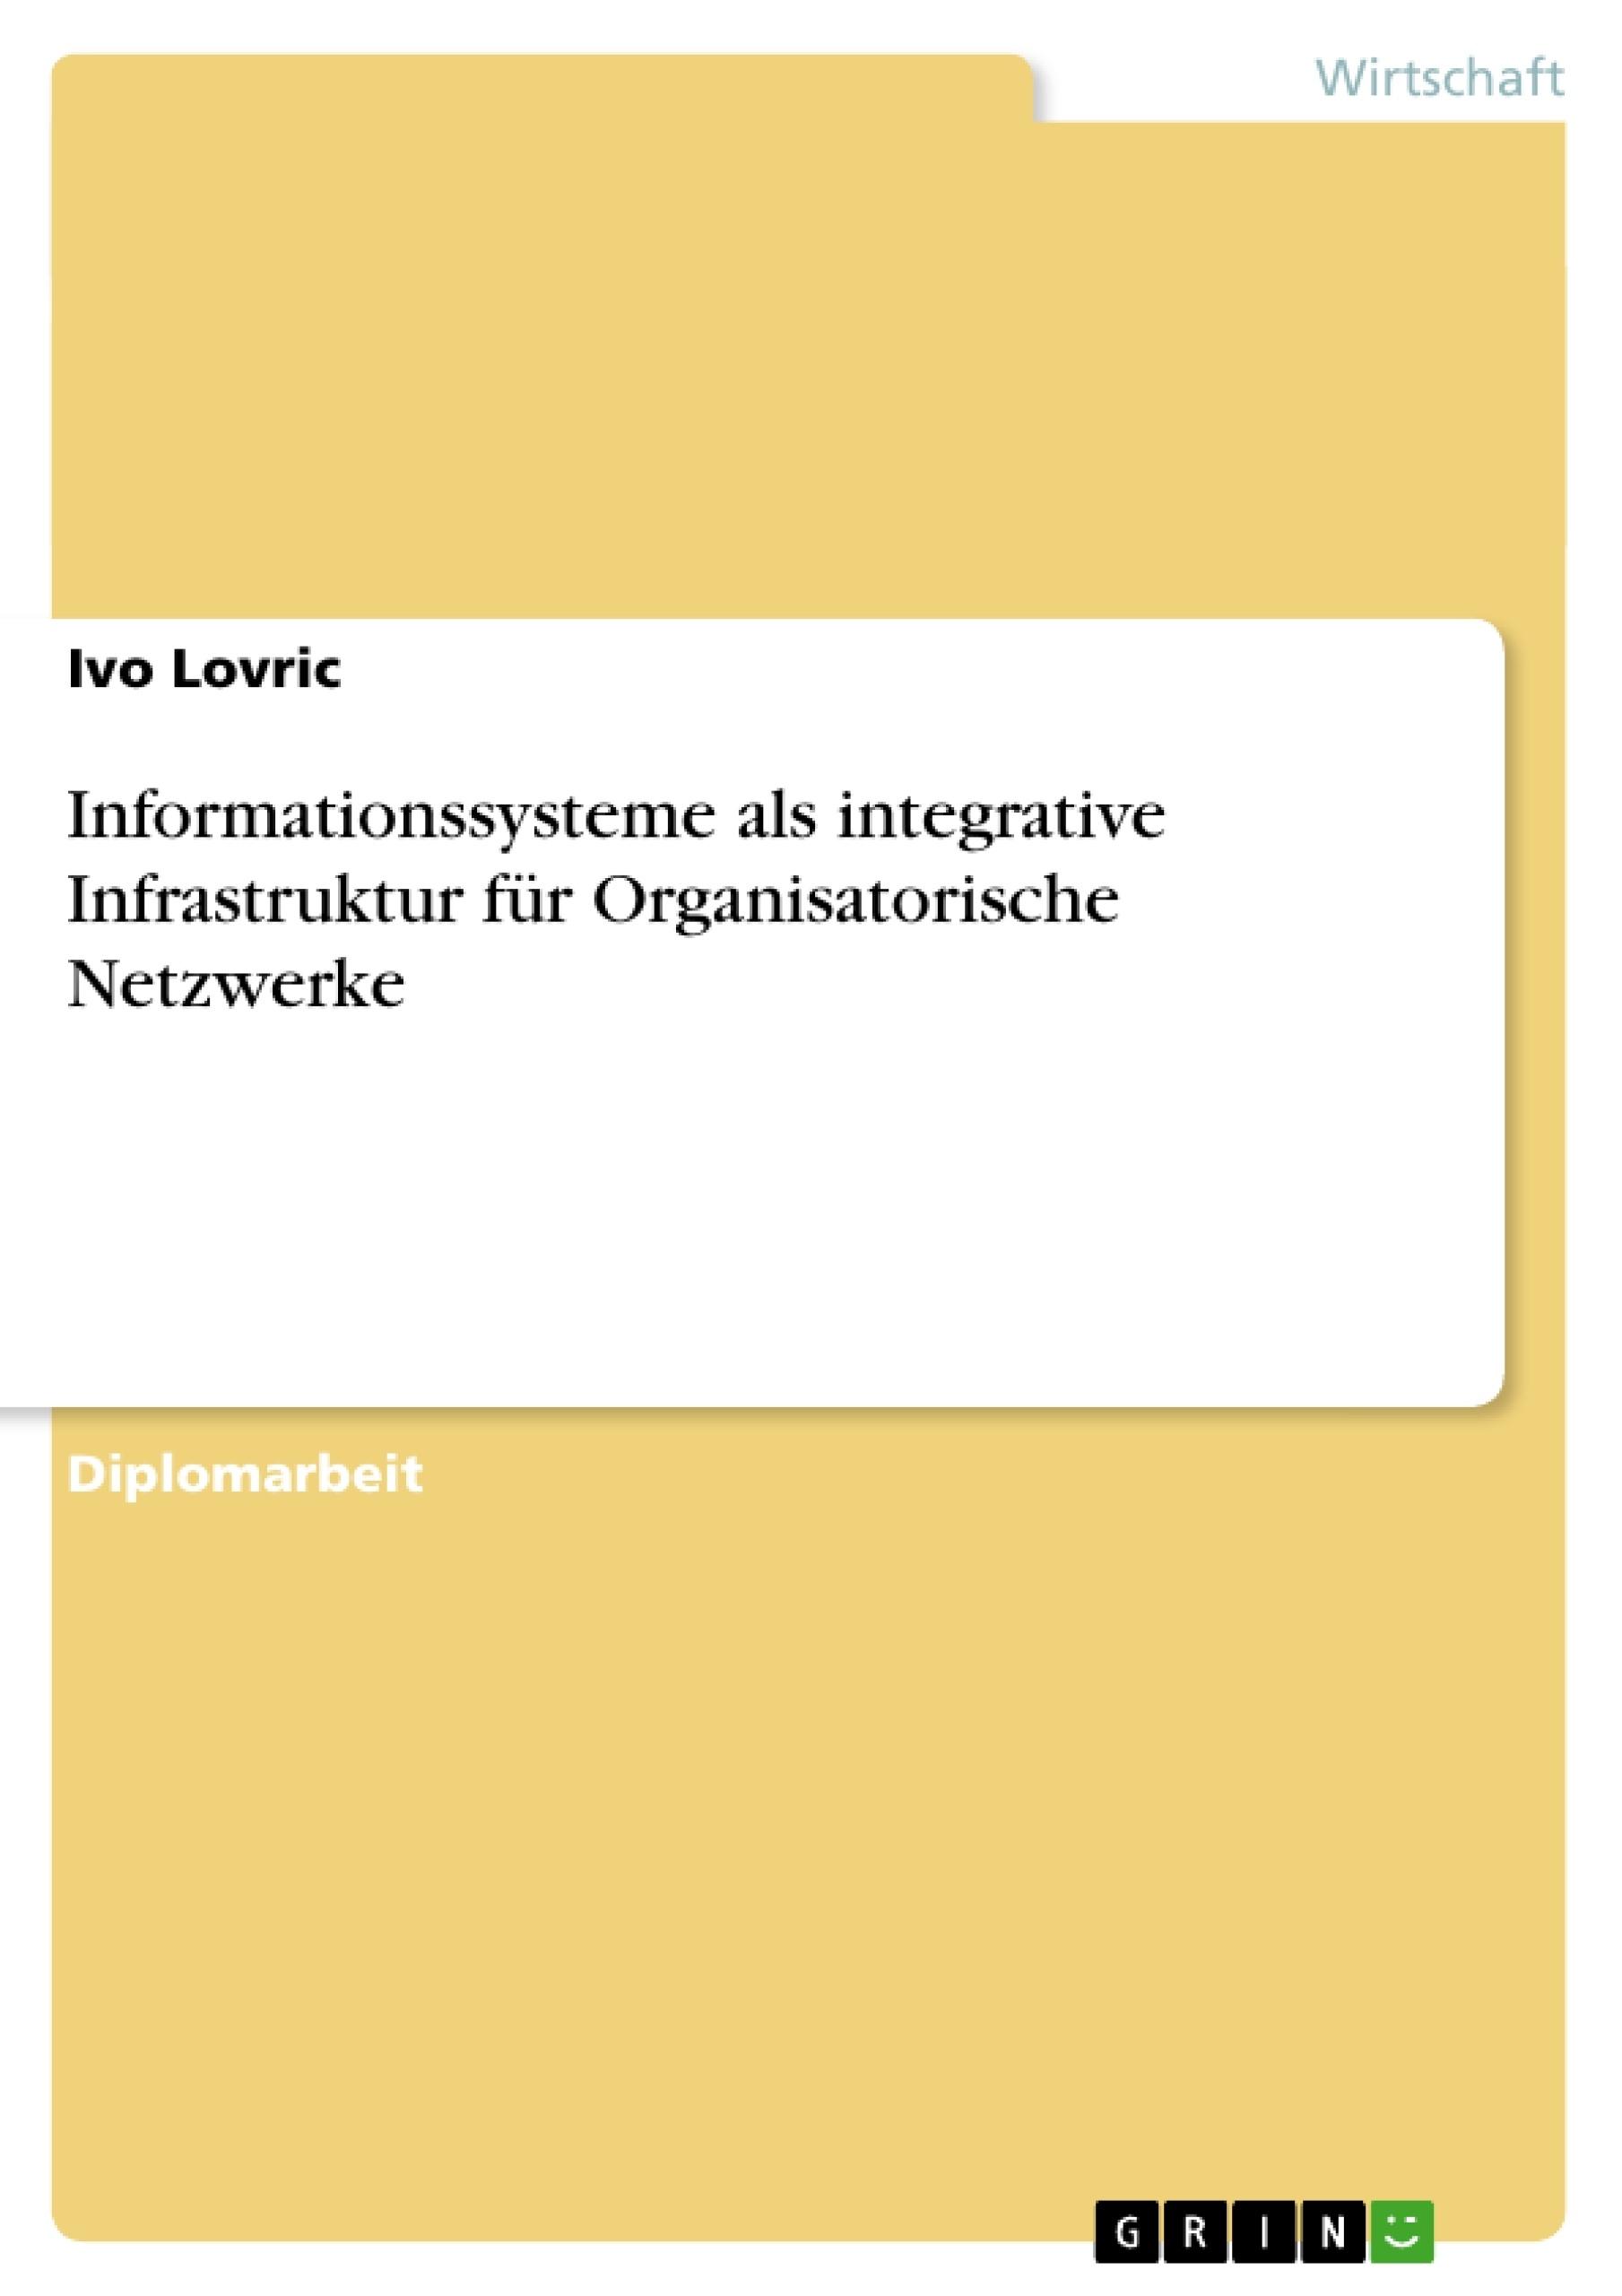 Titel: Informationssysteme als integrative Infrastruktur für Organisatorische Netzwerke